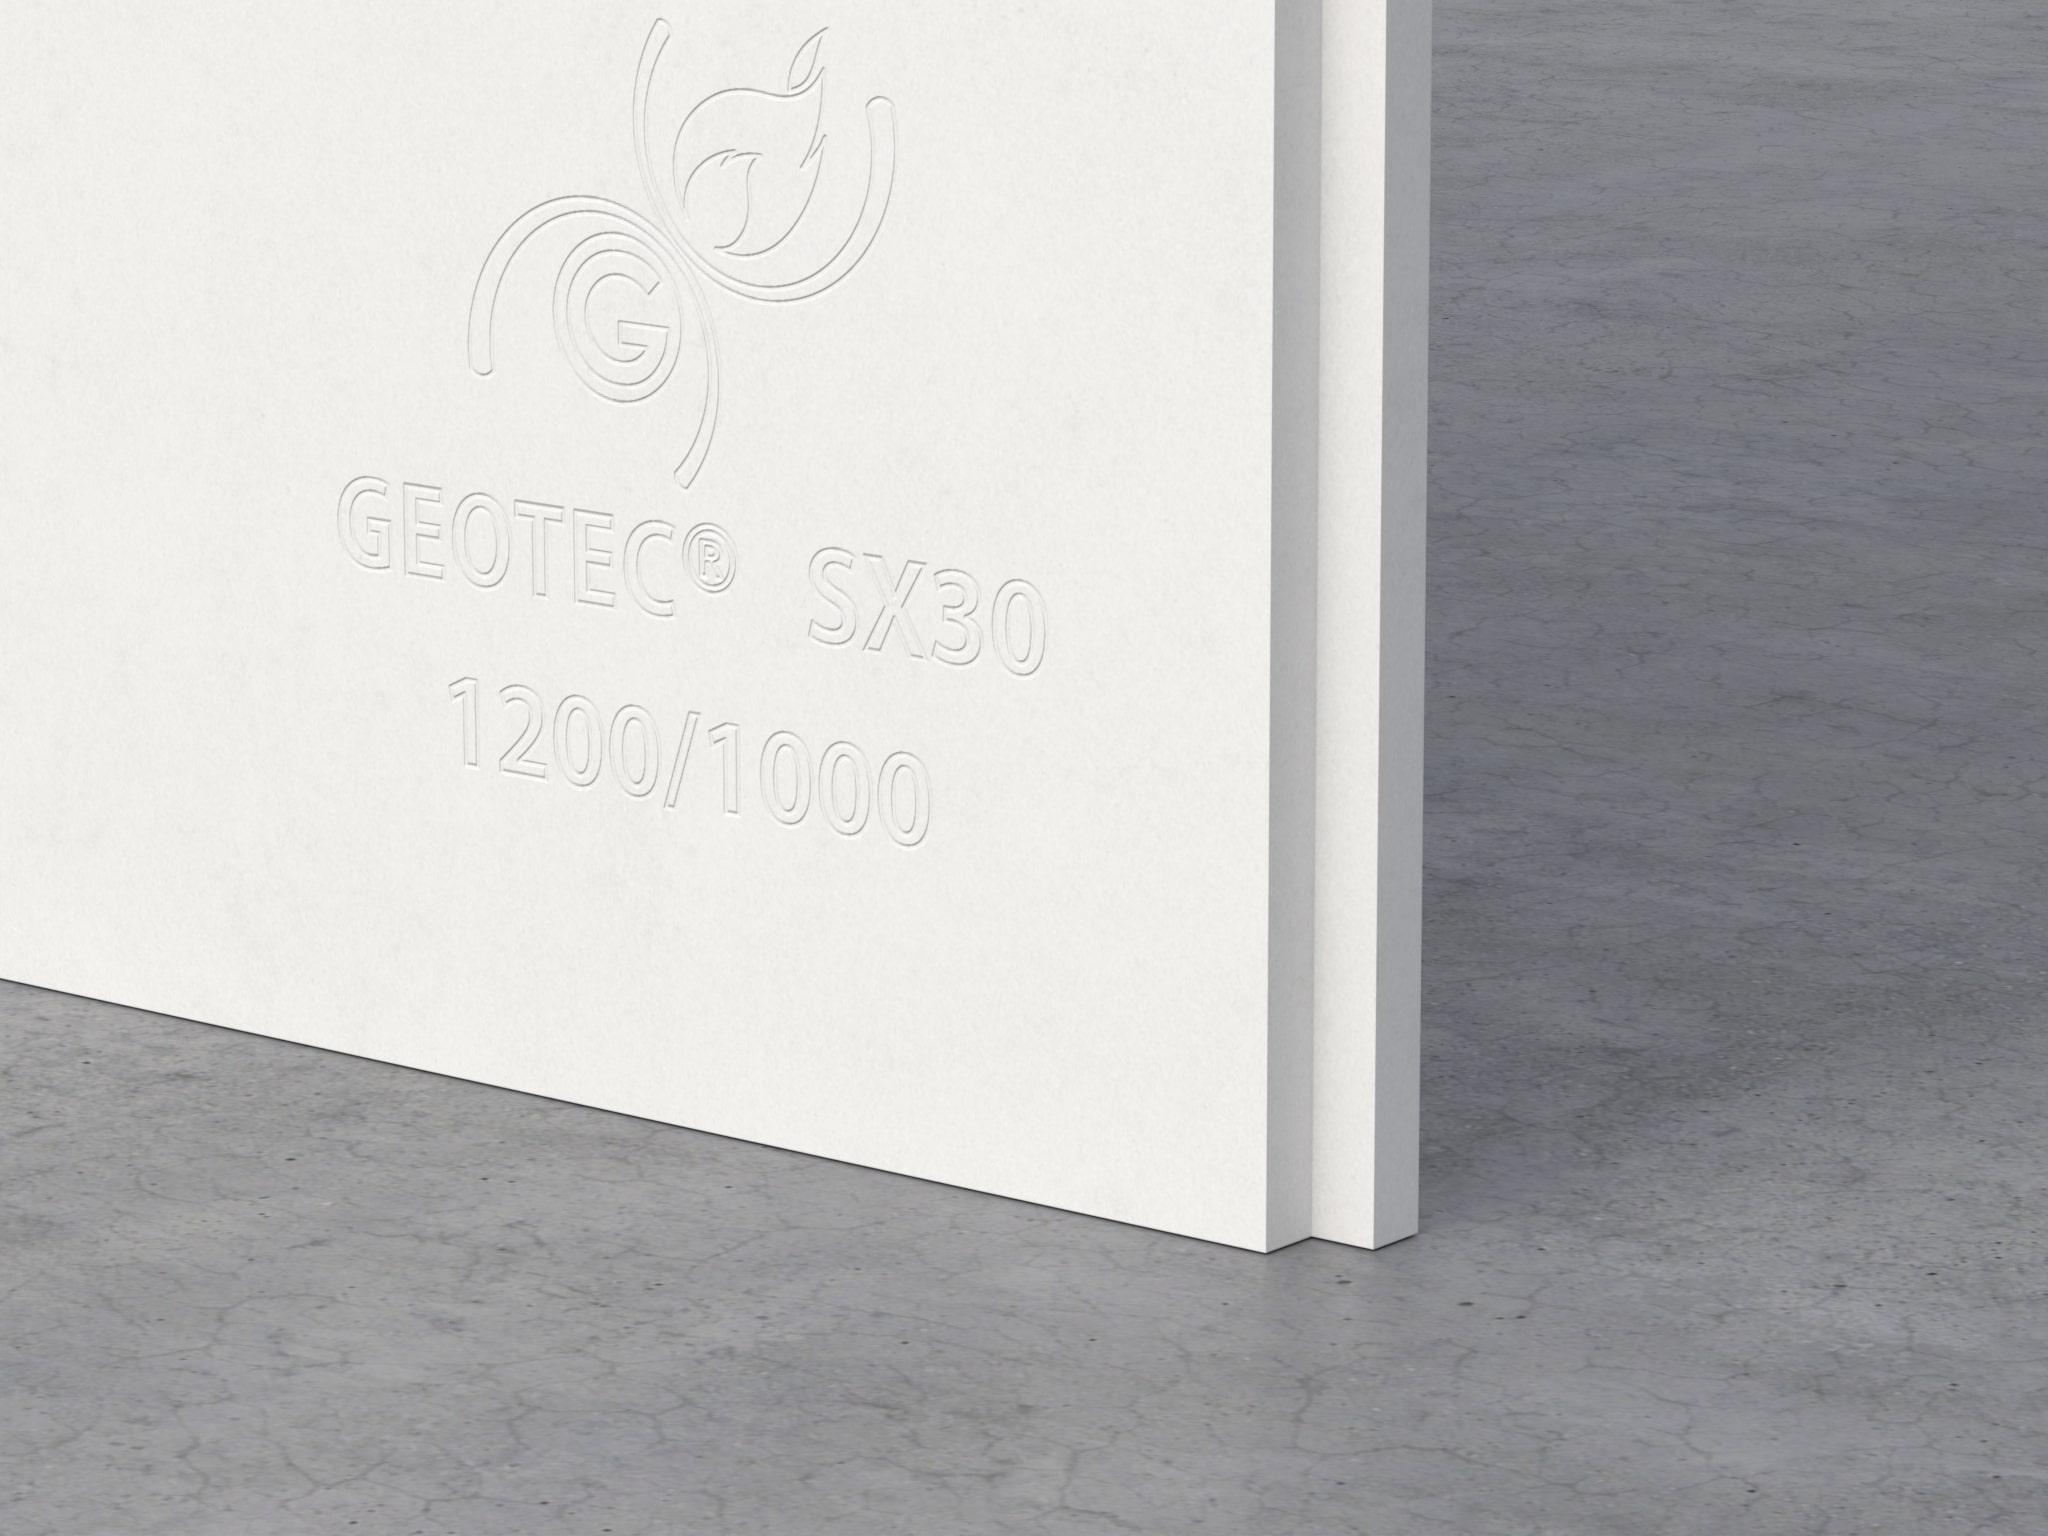 GEOTECSX - Plaque coupe-feu